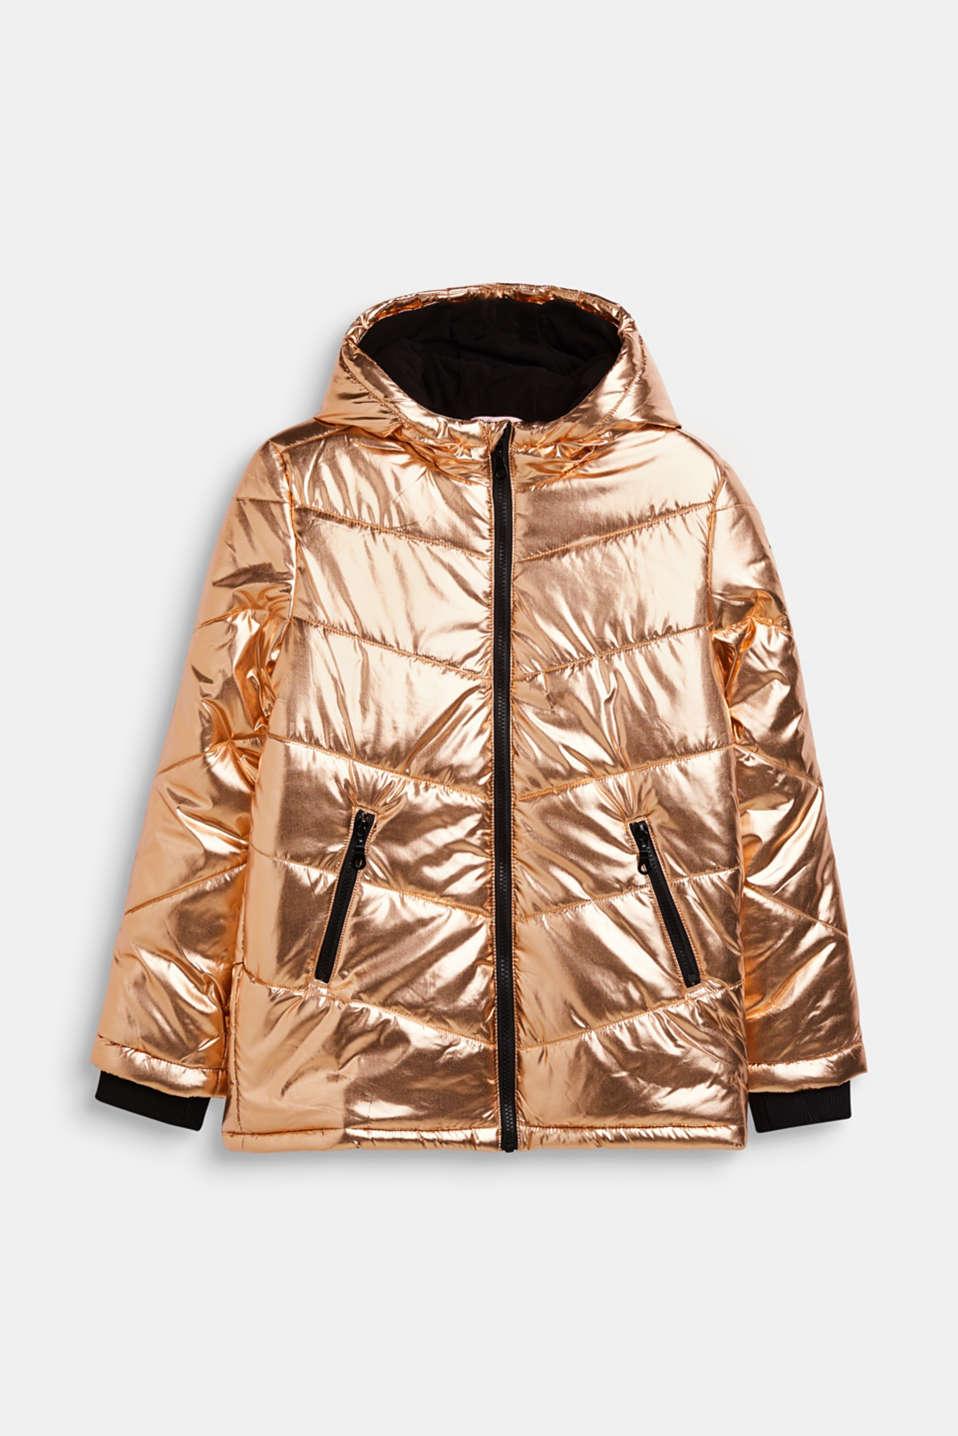 rabais de premier ordre couleurs délicates dernière remise Esprit : Veste outdoor à acheter sur la Boutique en ligne